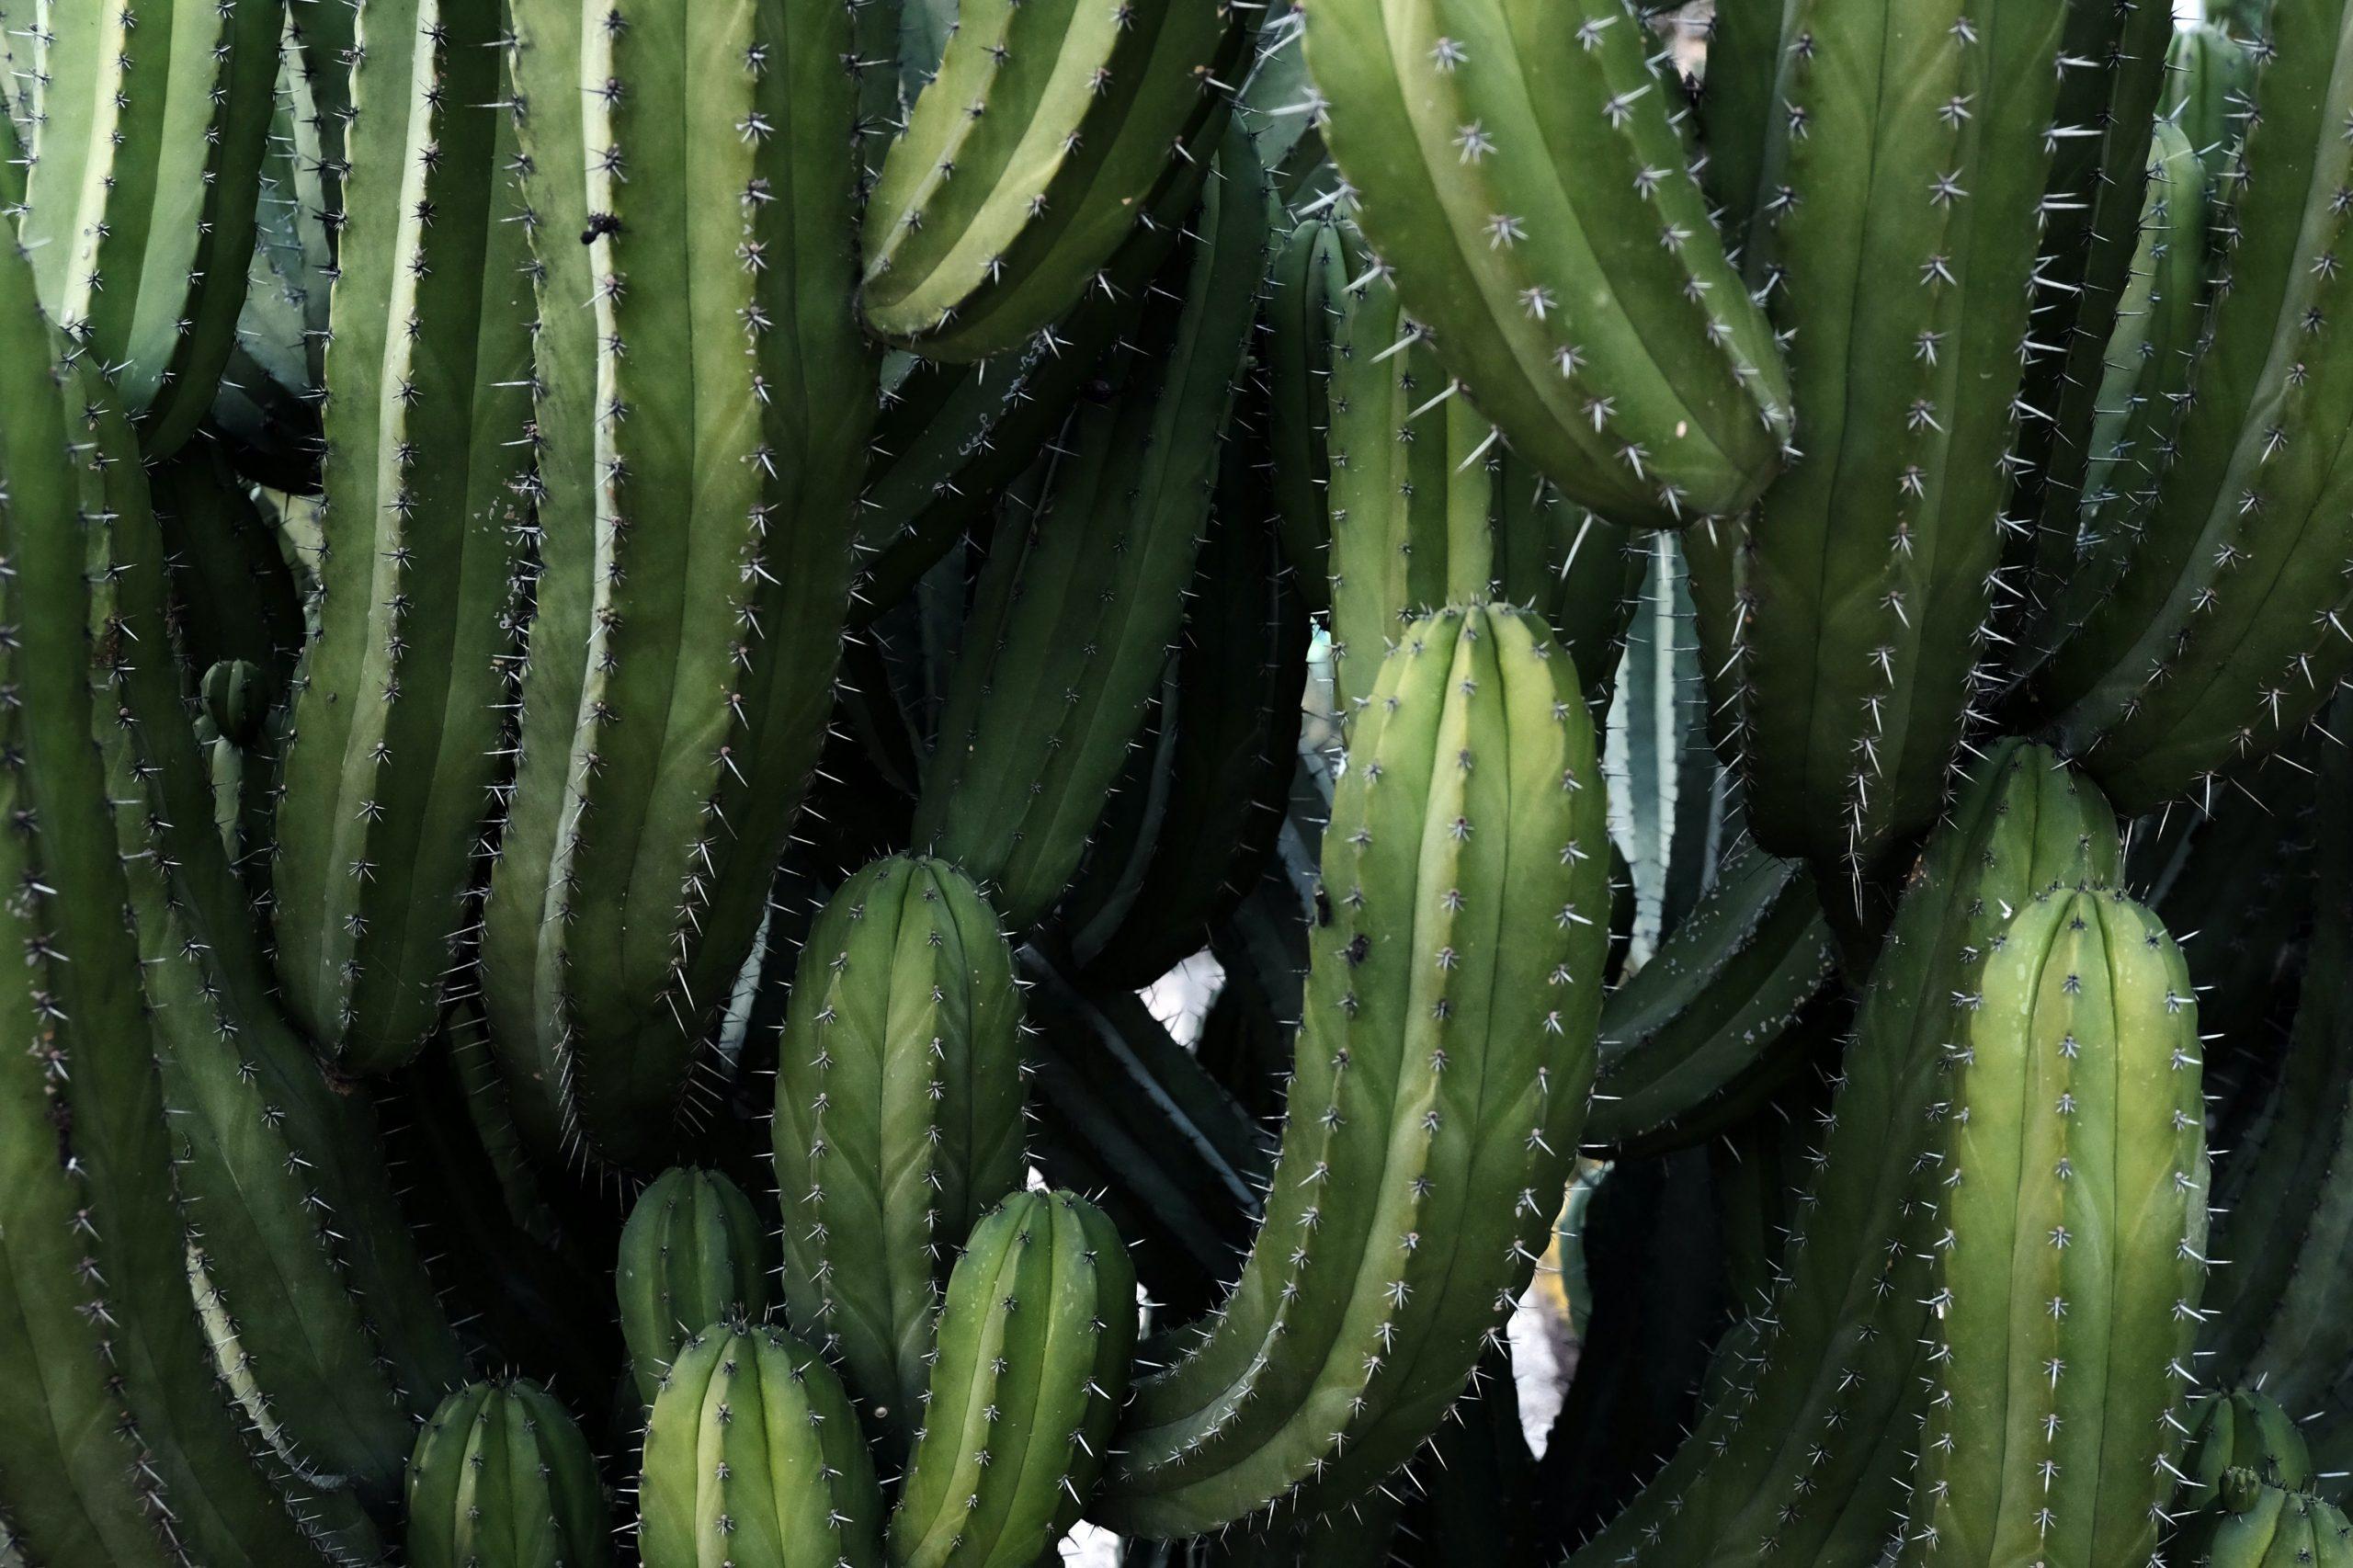 Mes plantes subissent du stress, comment le détecter et y remédier